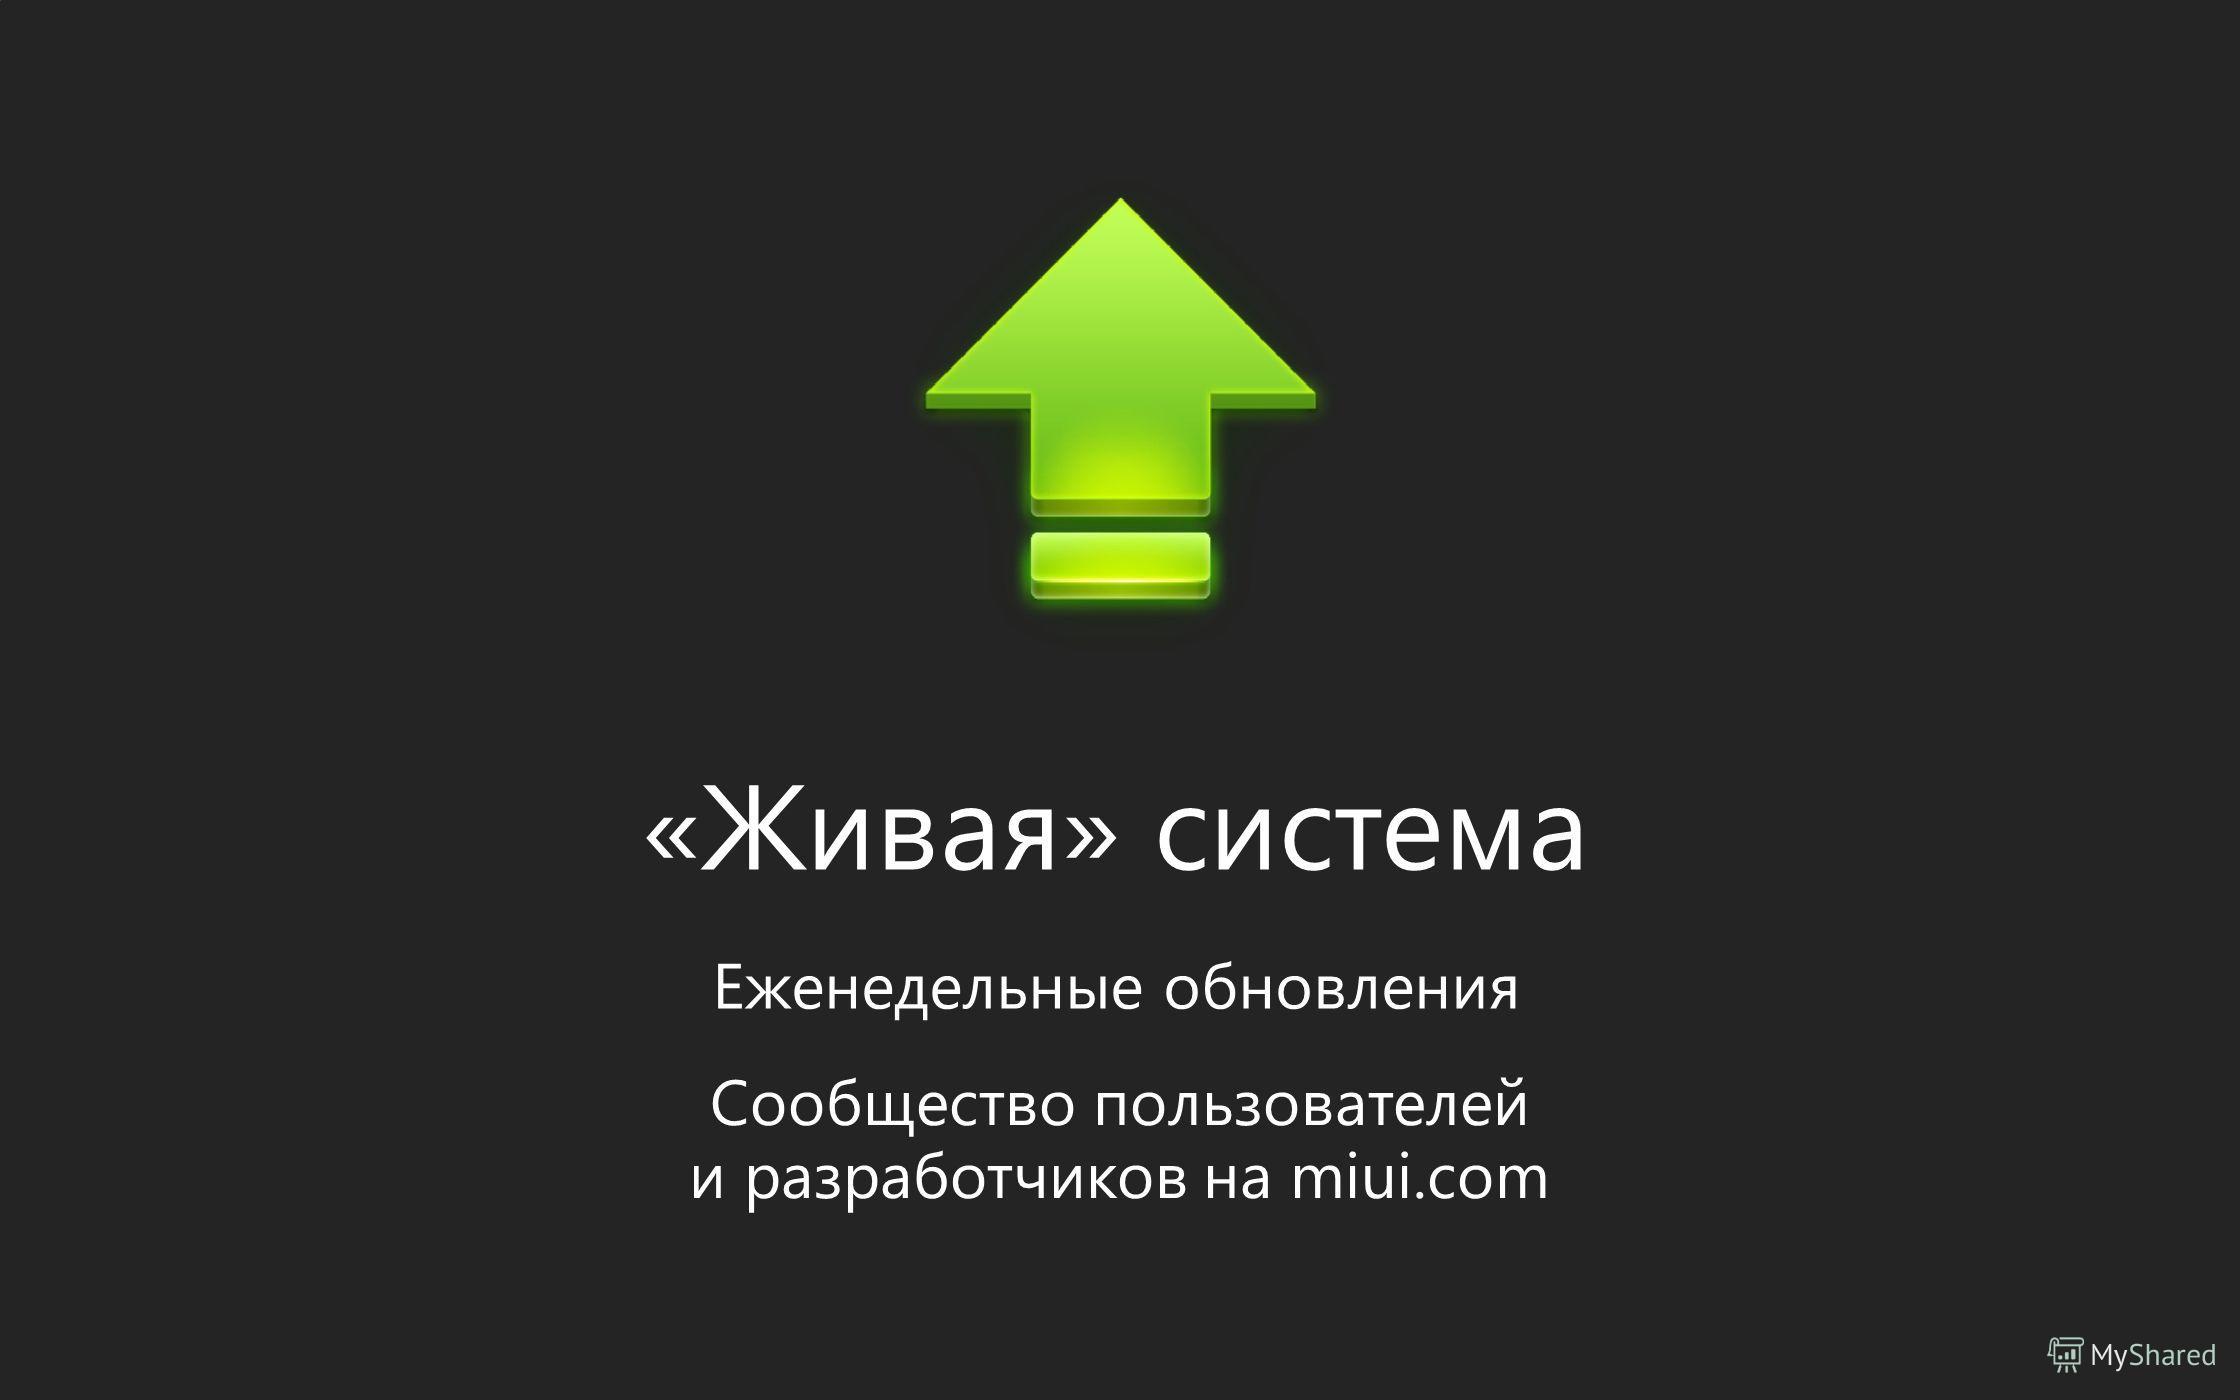 «Живая» система Еженедельные обновления Сообщество пользователей и разработчиков на miui.com